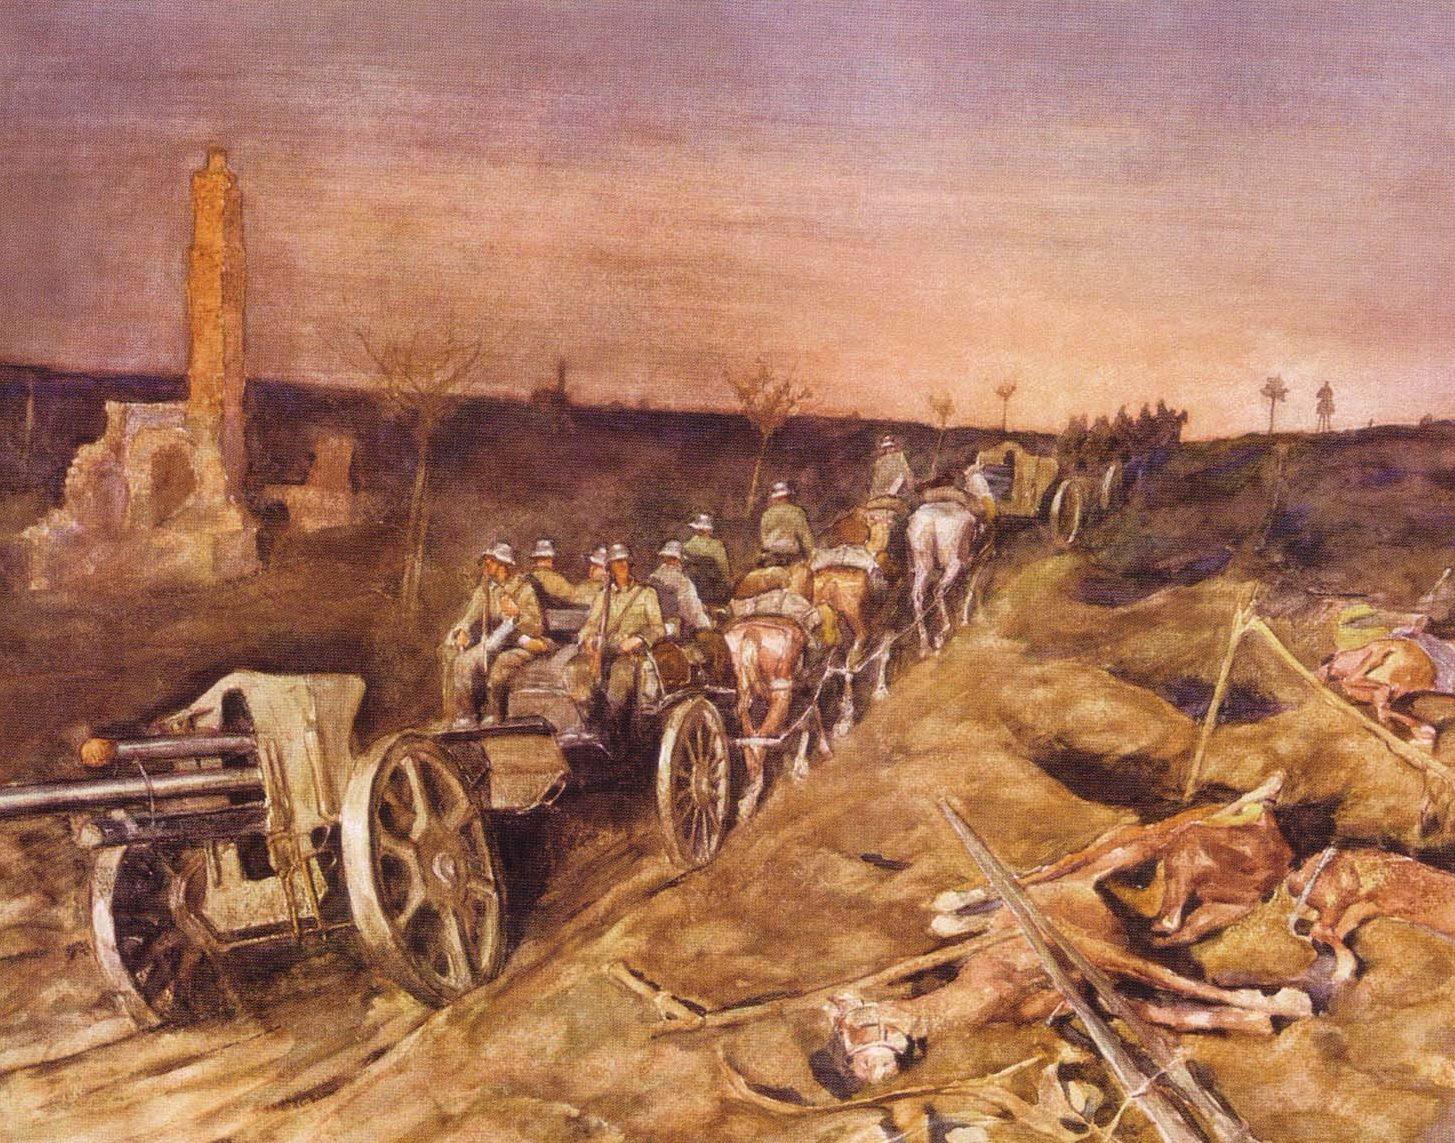 Eichhors Franz. Артиллерия в Польше.